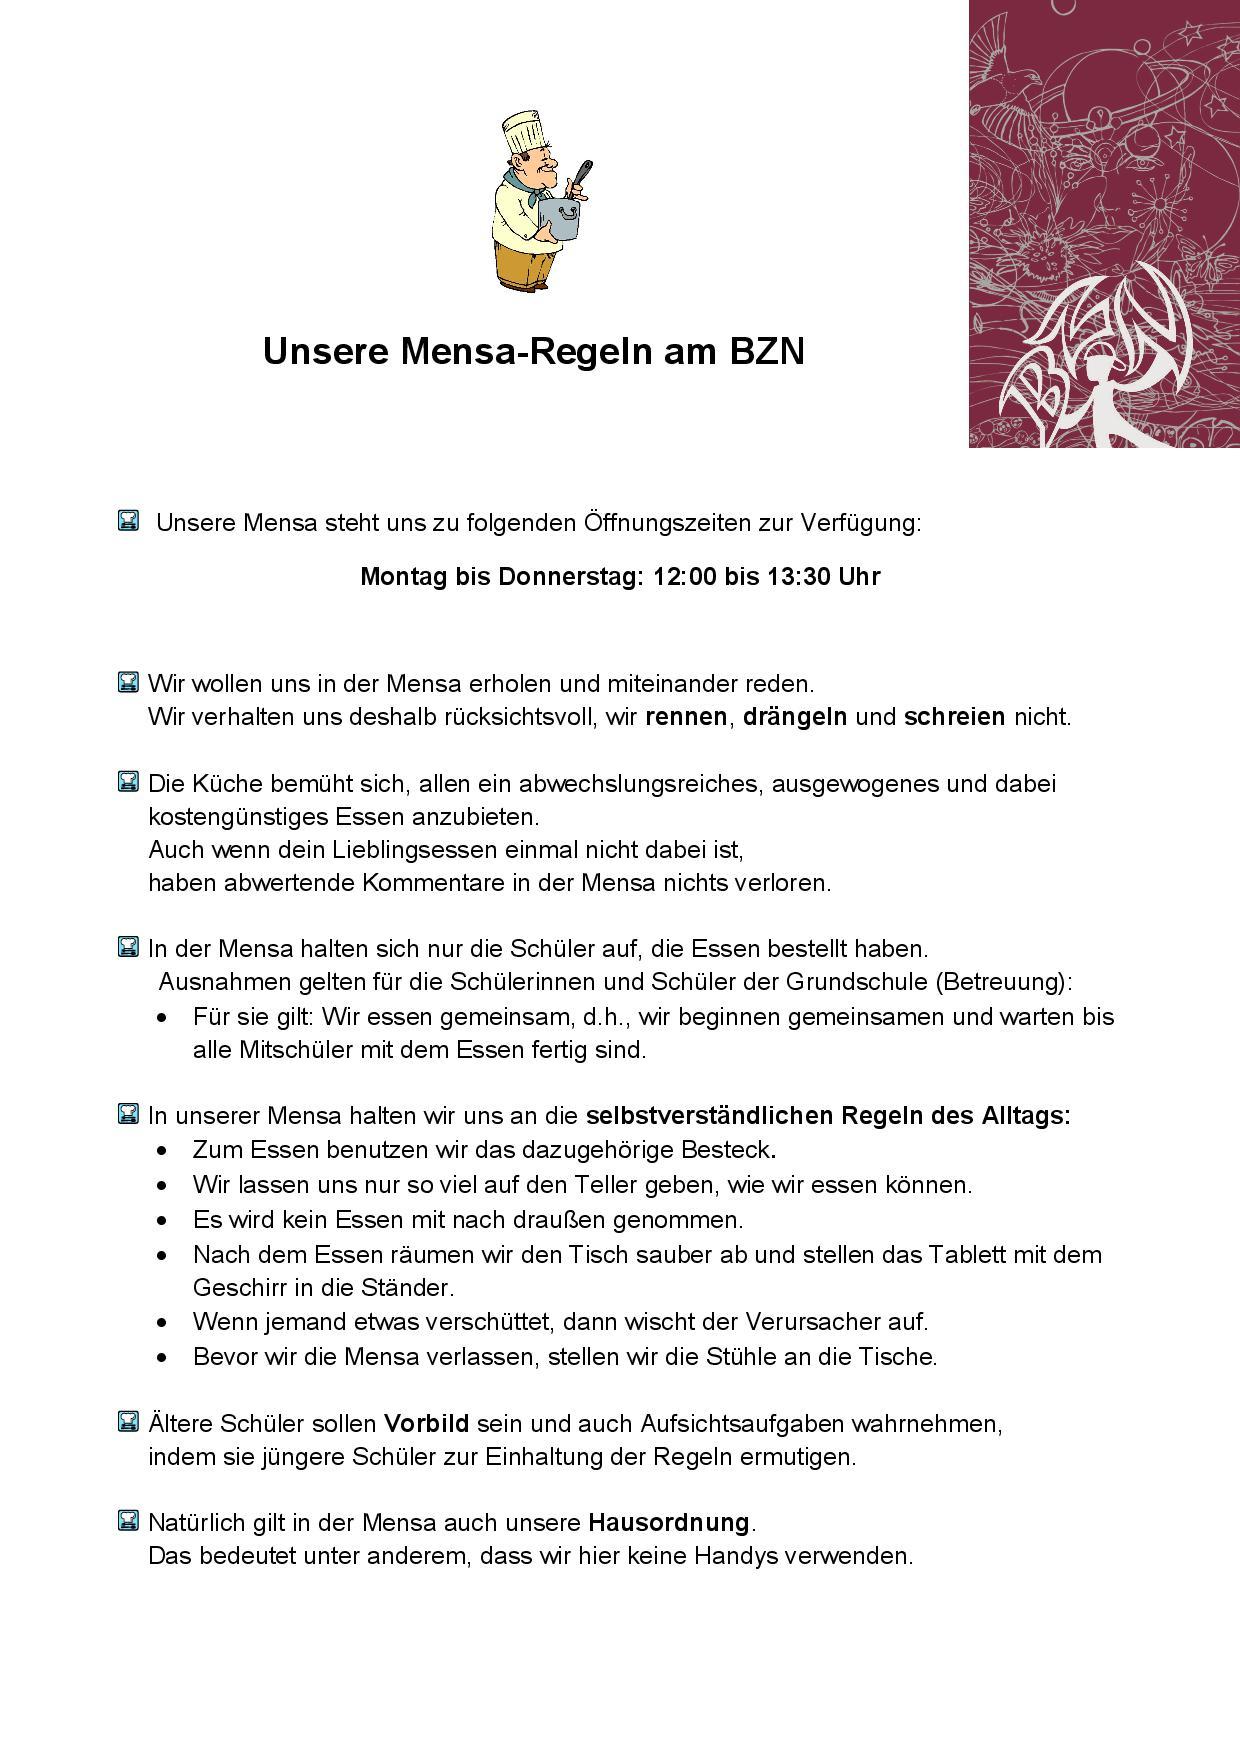 Verhalten in der Mensa-001